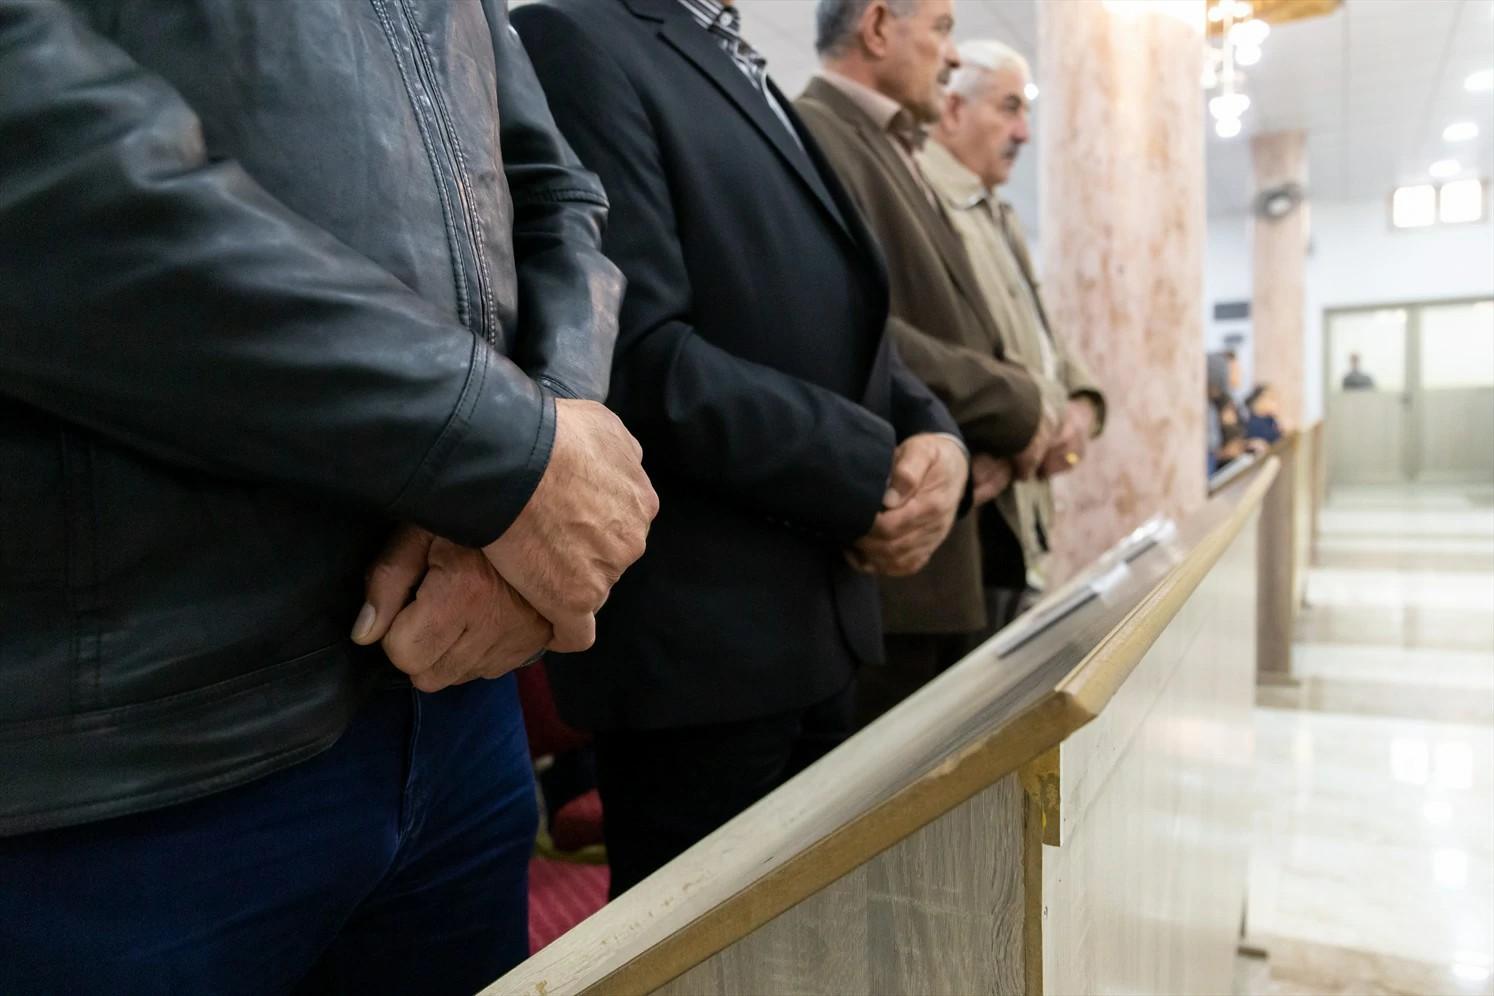 Cristãos no Iraque podem sofrer retaliação de células do Estados Islâmico e das milícias apoiadas pelo Irã